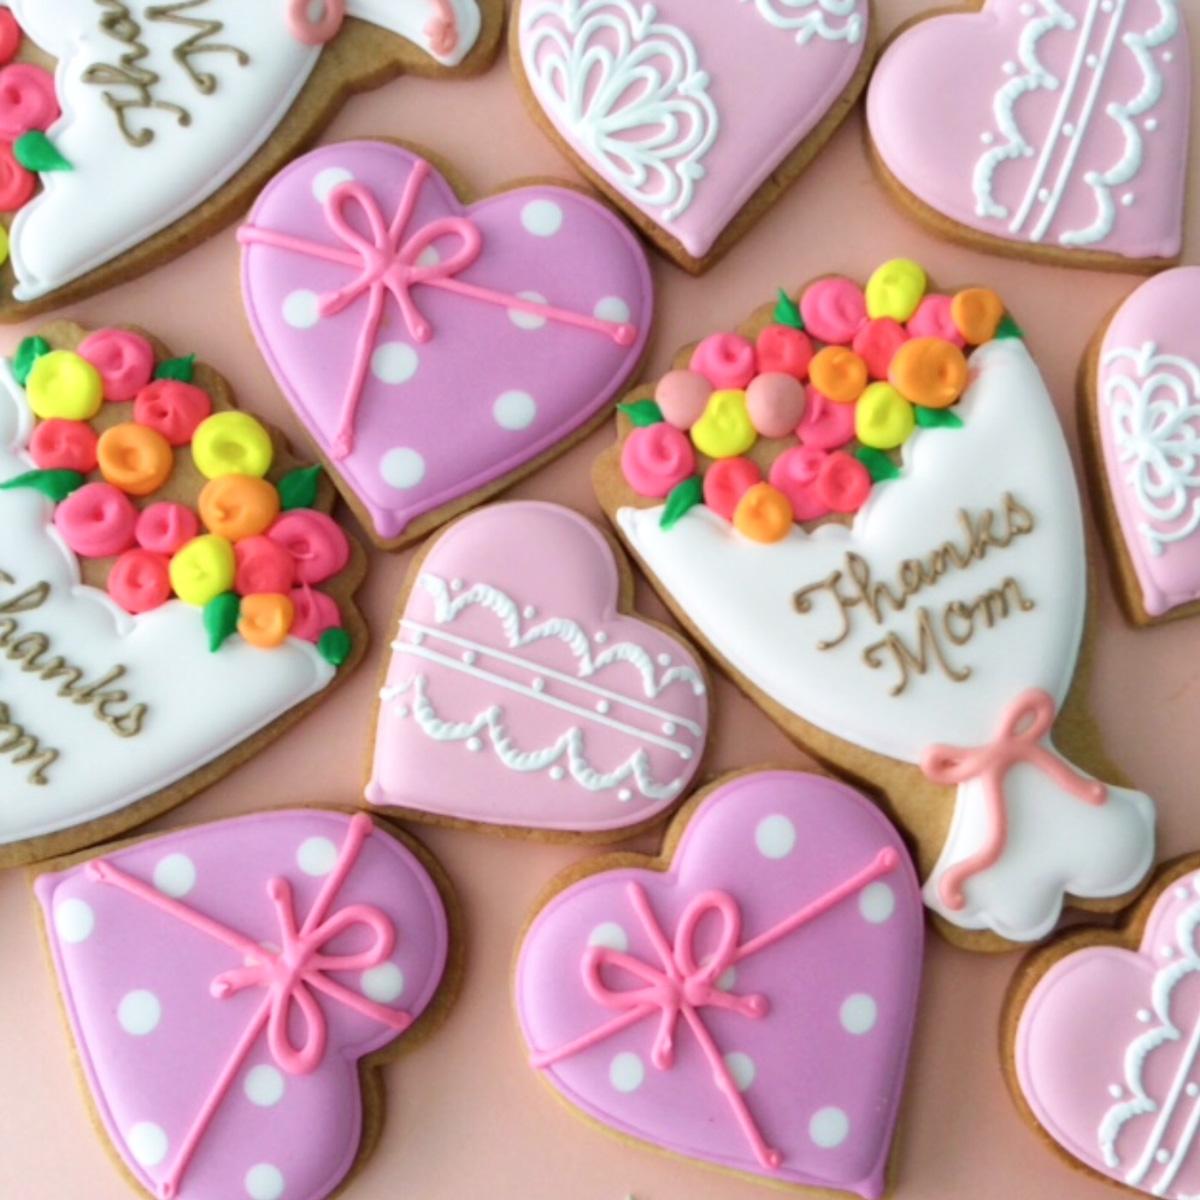 【Gallery】母の日2014 ブーケとハートのアイシングクッキー